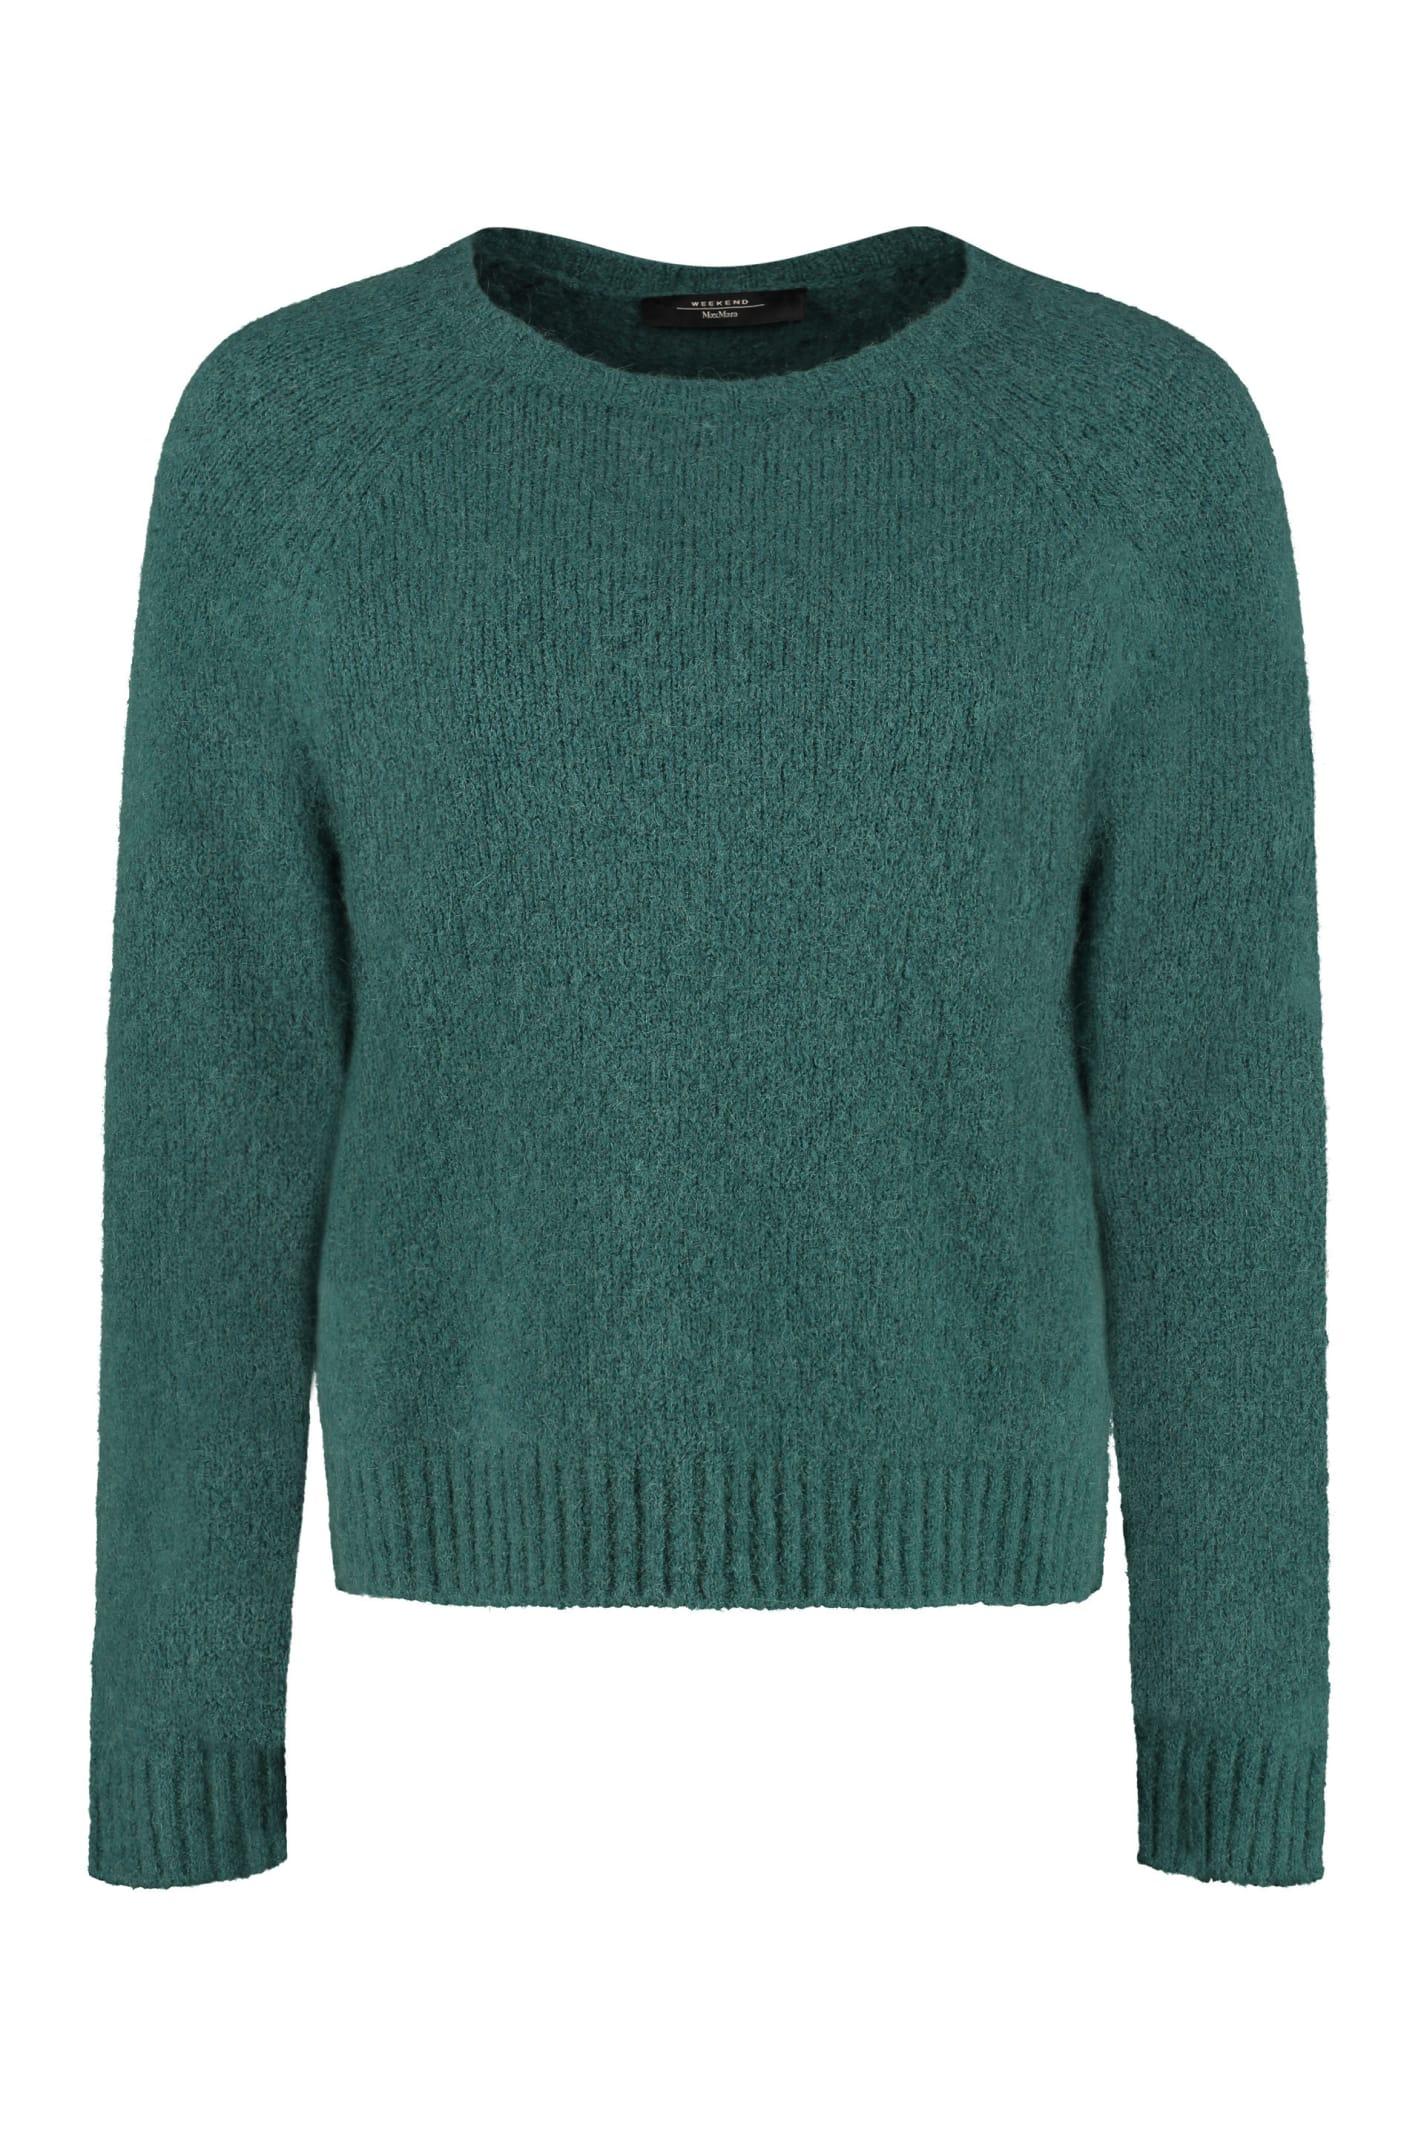 Weekend Max Mara Amici Alpaca Blend Sweater